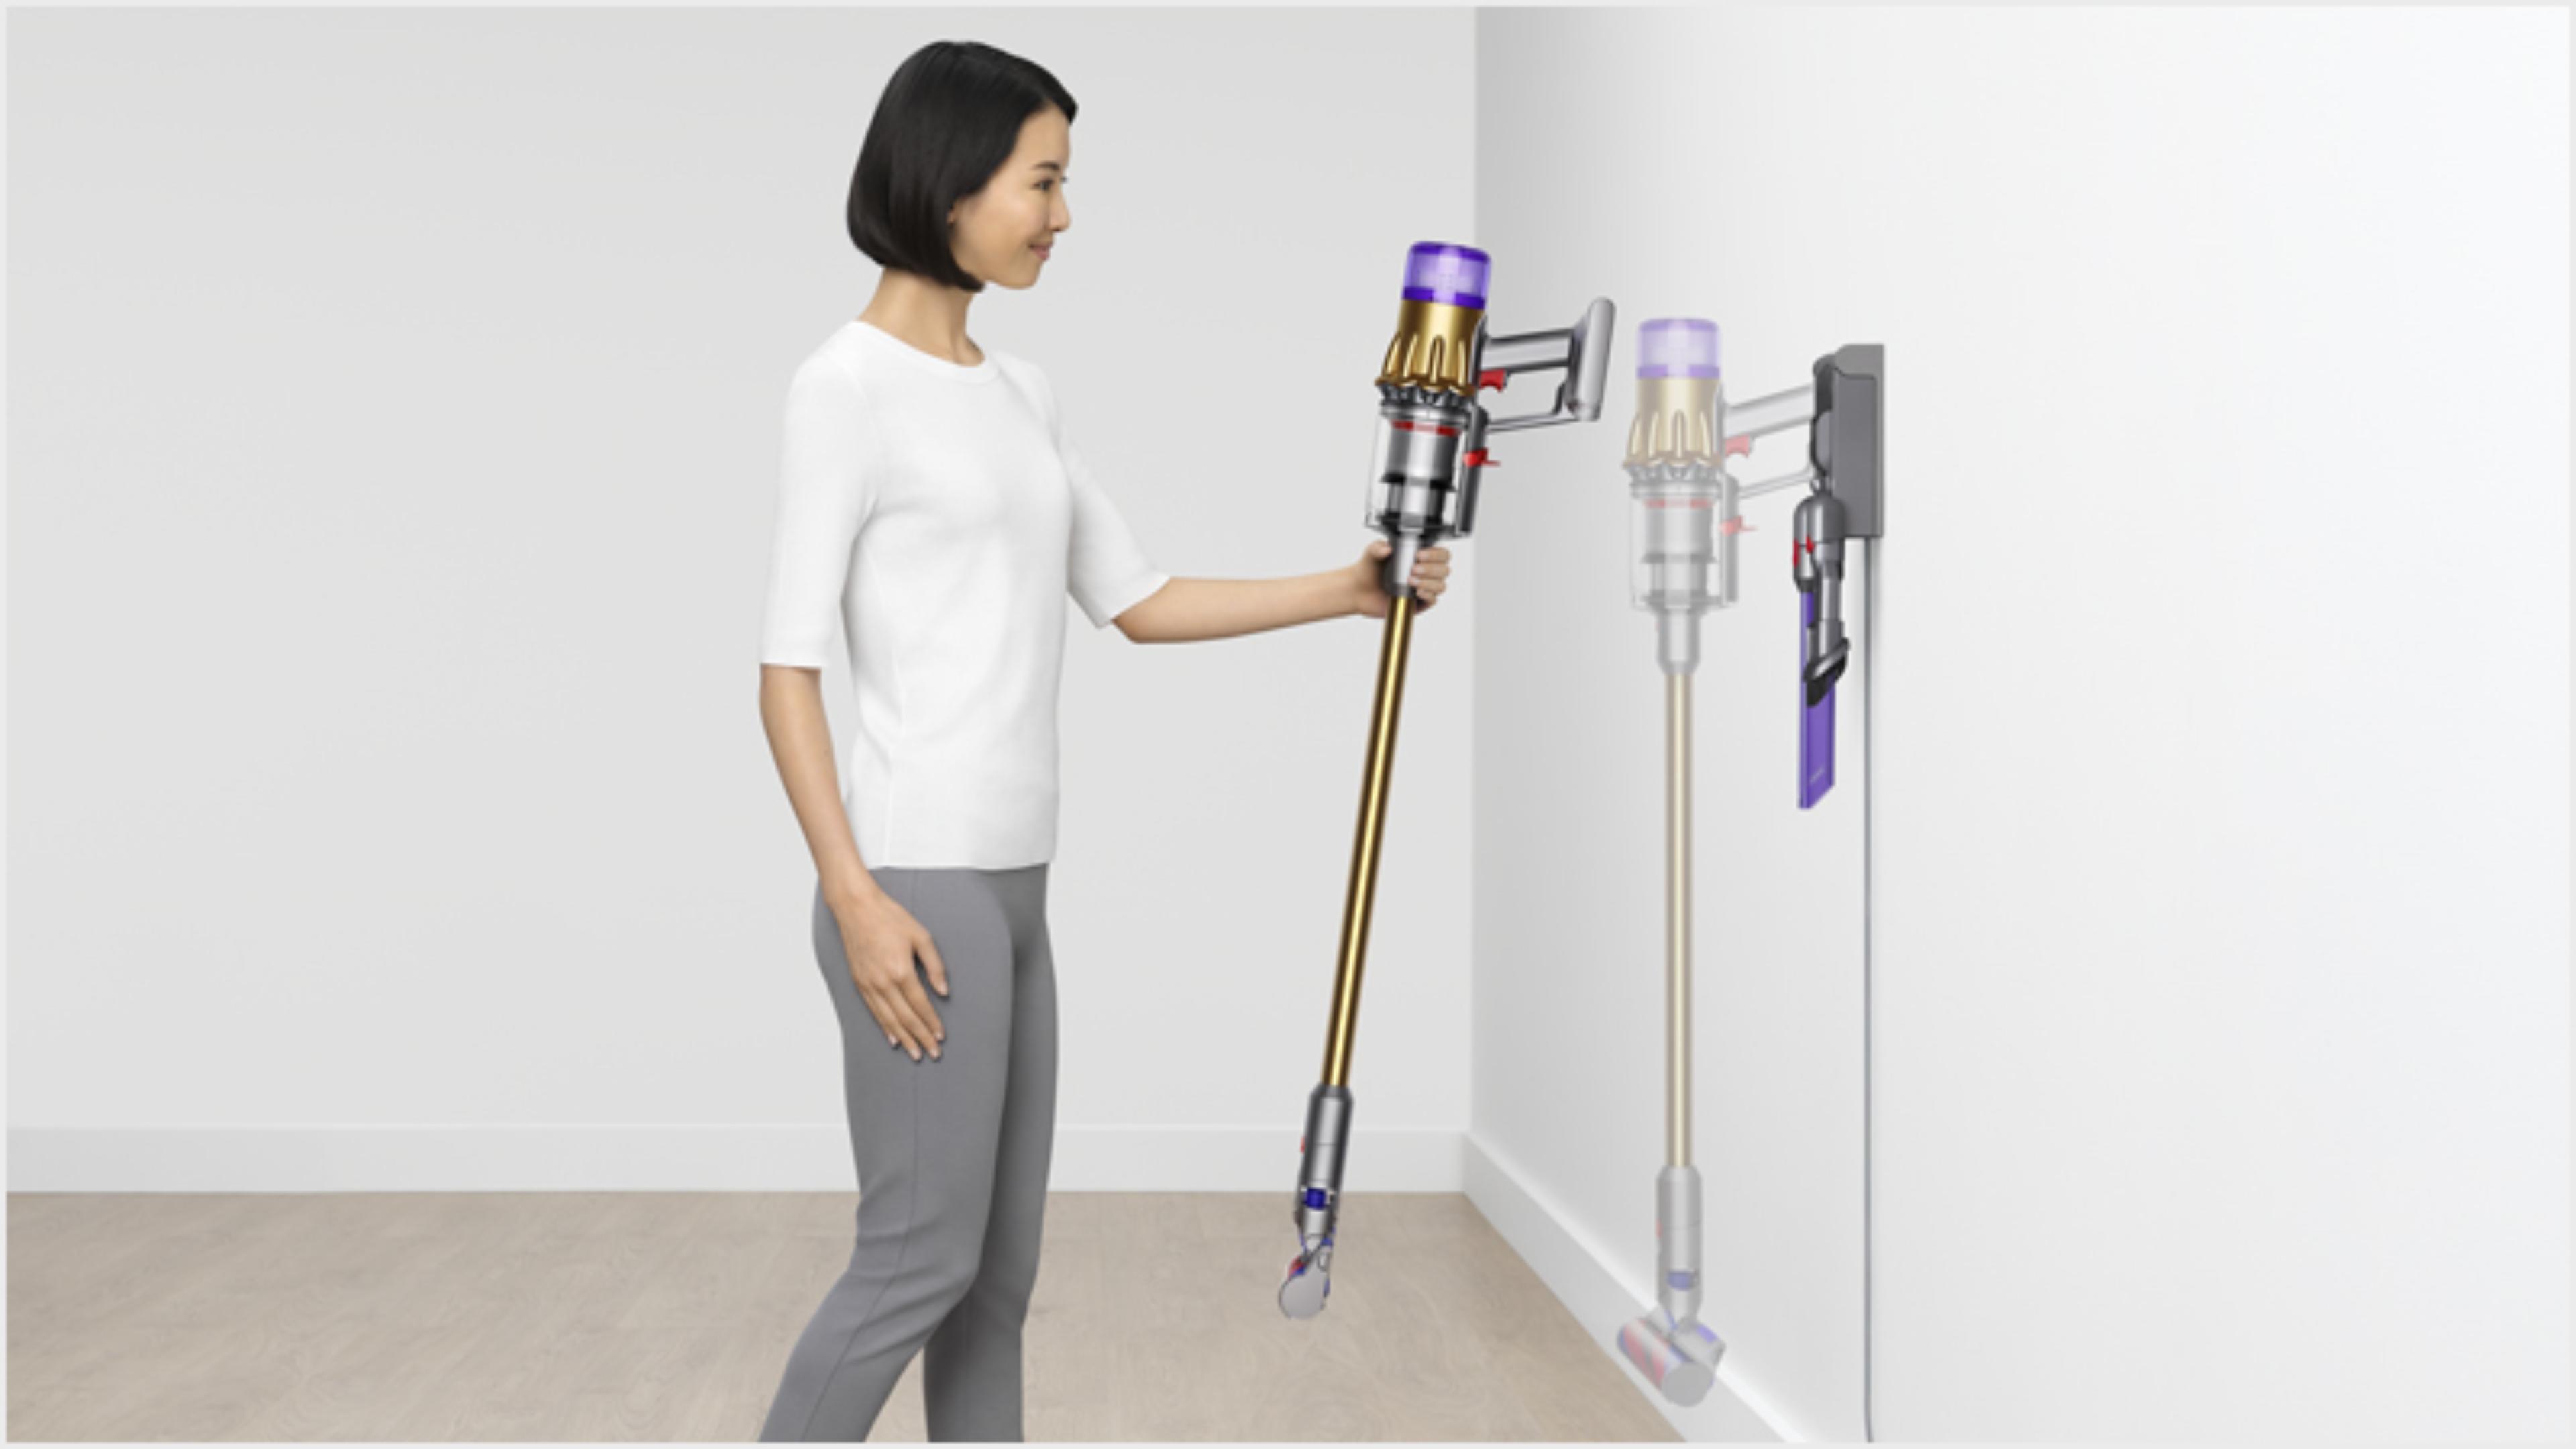 다이슨 디지털 슬림TM 무선 청소기를 벽걸이형 충전 거치대 걸고 있는 여성